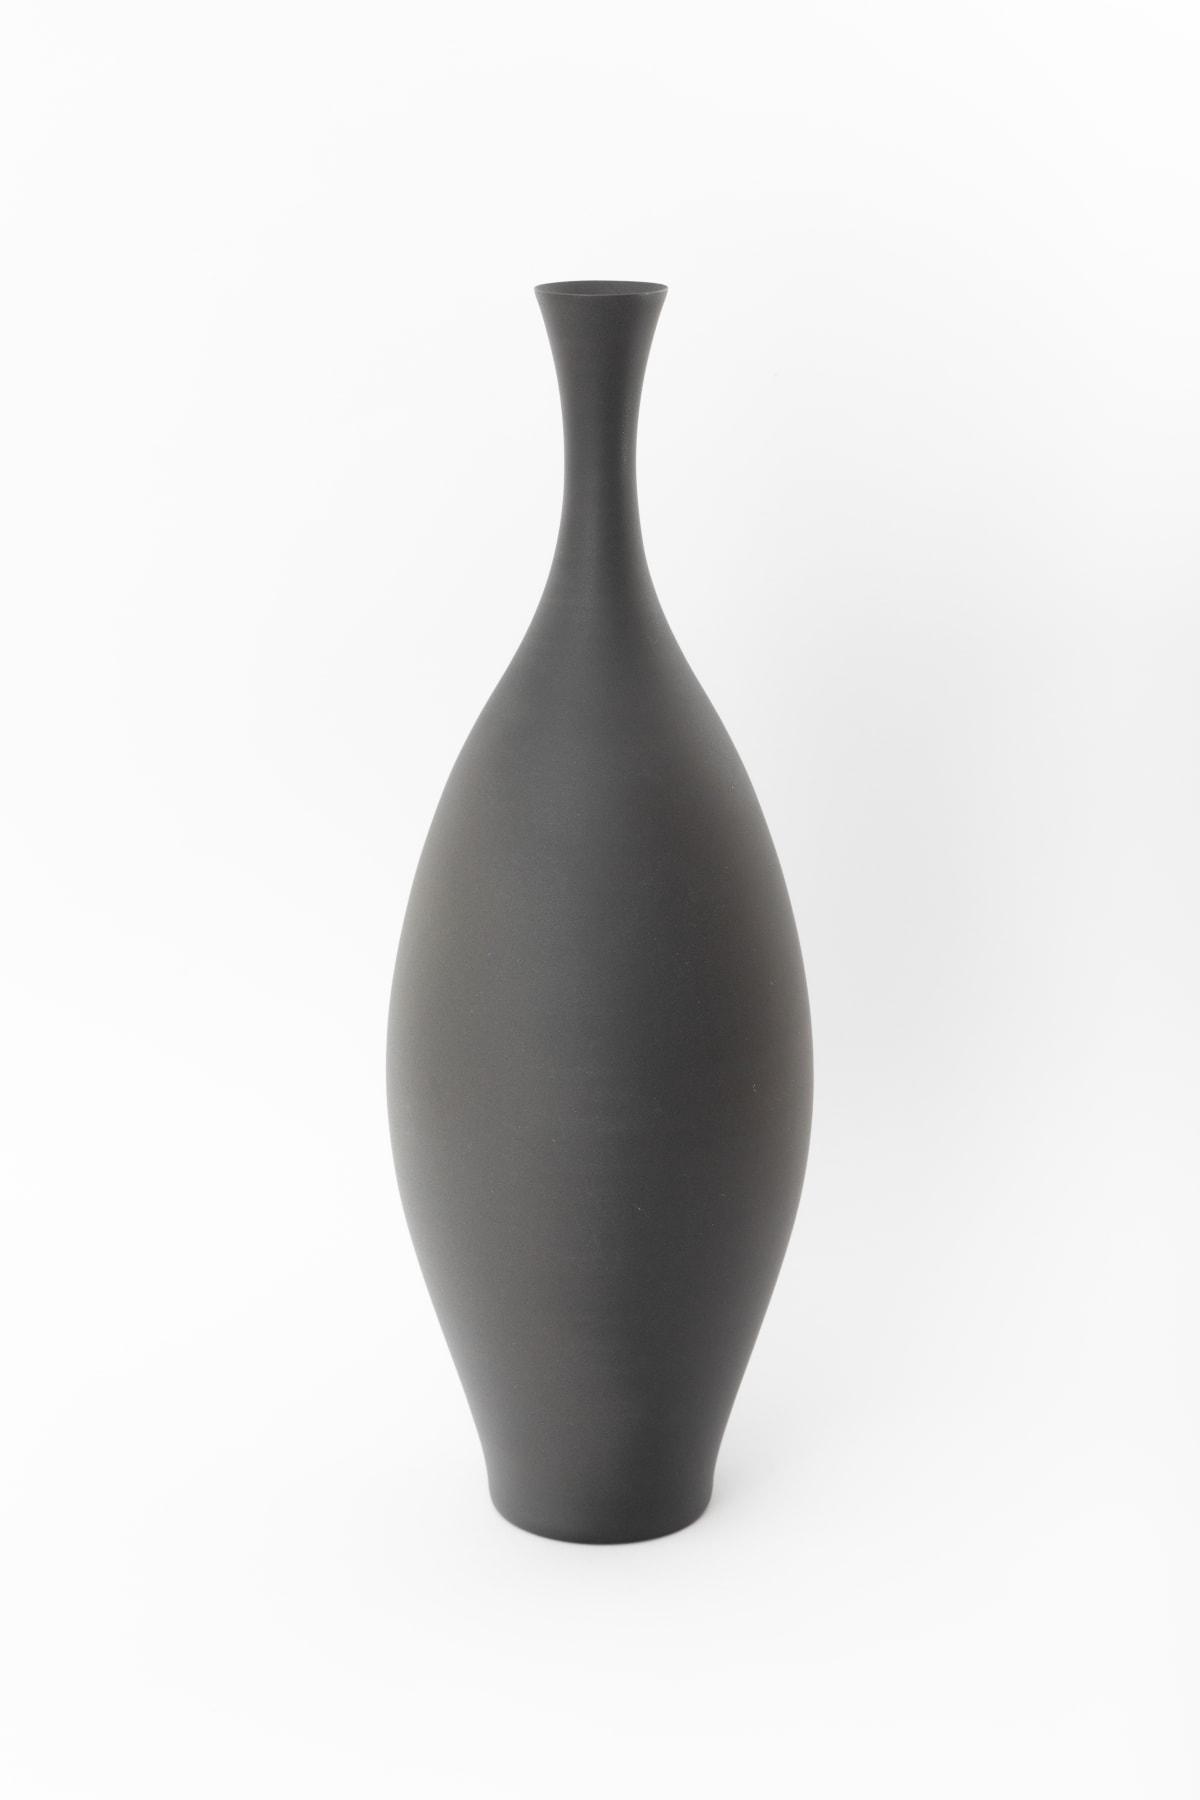 """Flower vase """"Rice Husk"""" - 鶴首花器「籾柄」, 2018"""